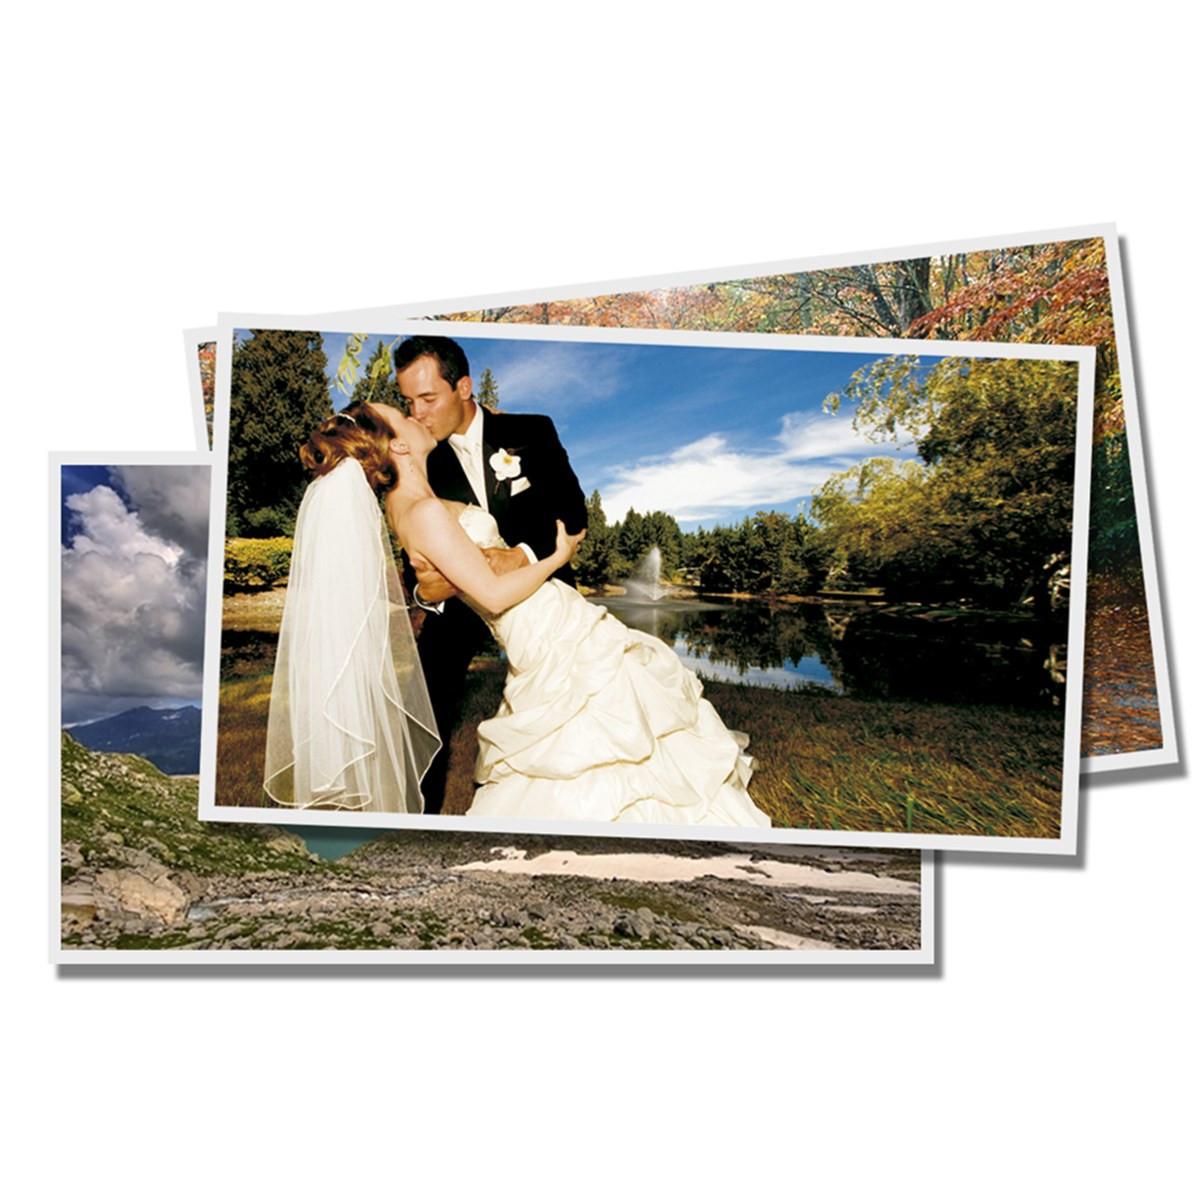 Papel Fotográfico Glossy Brilhante Microporoso   260g tamanho A4   Pacote com 20 folhas